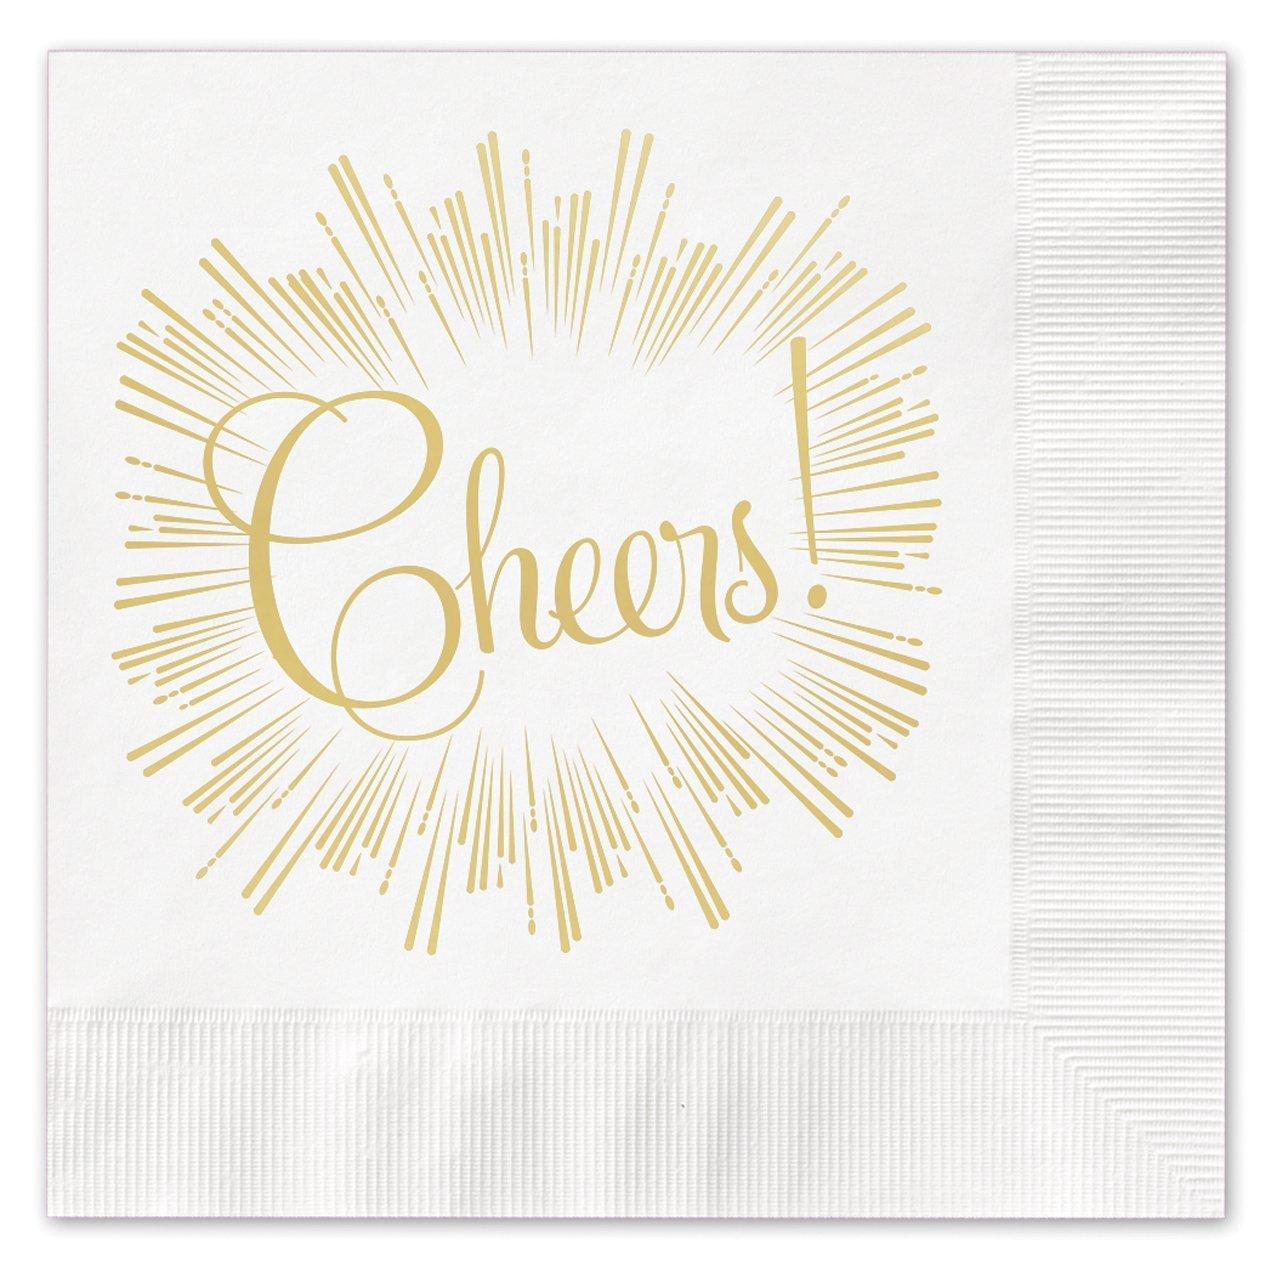 Spread cheer. - $